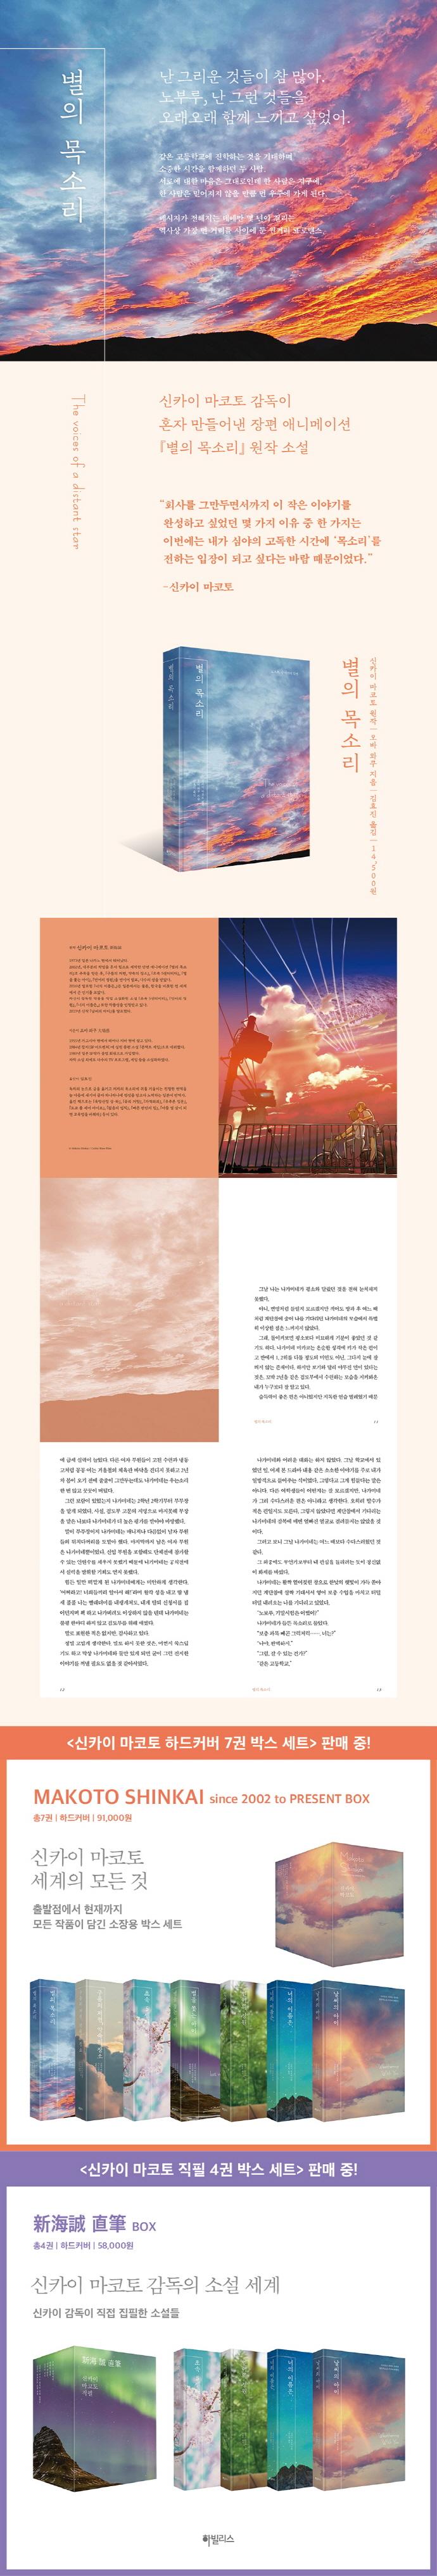 별의 목소리(엔티노벨(NT Novel))(양장본 HardCover) 도서 상세이미지